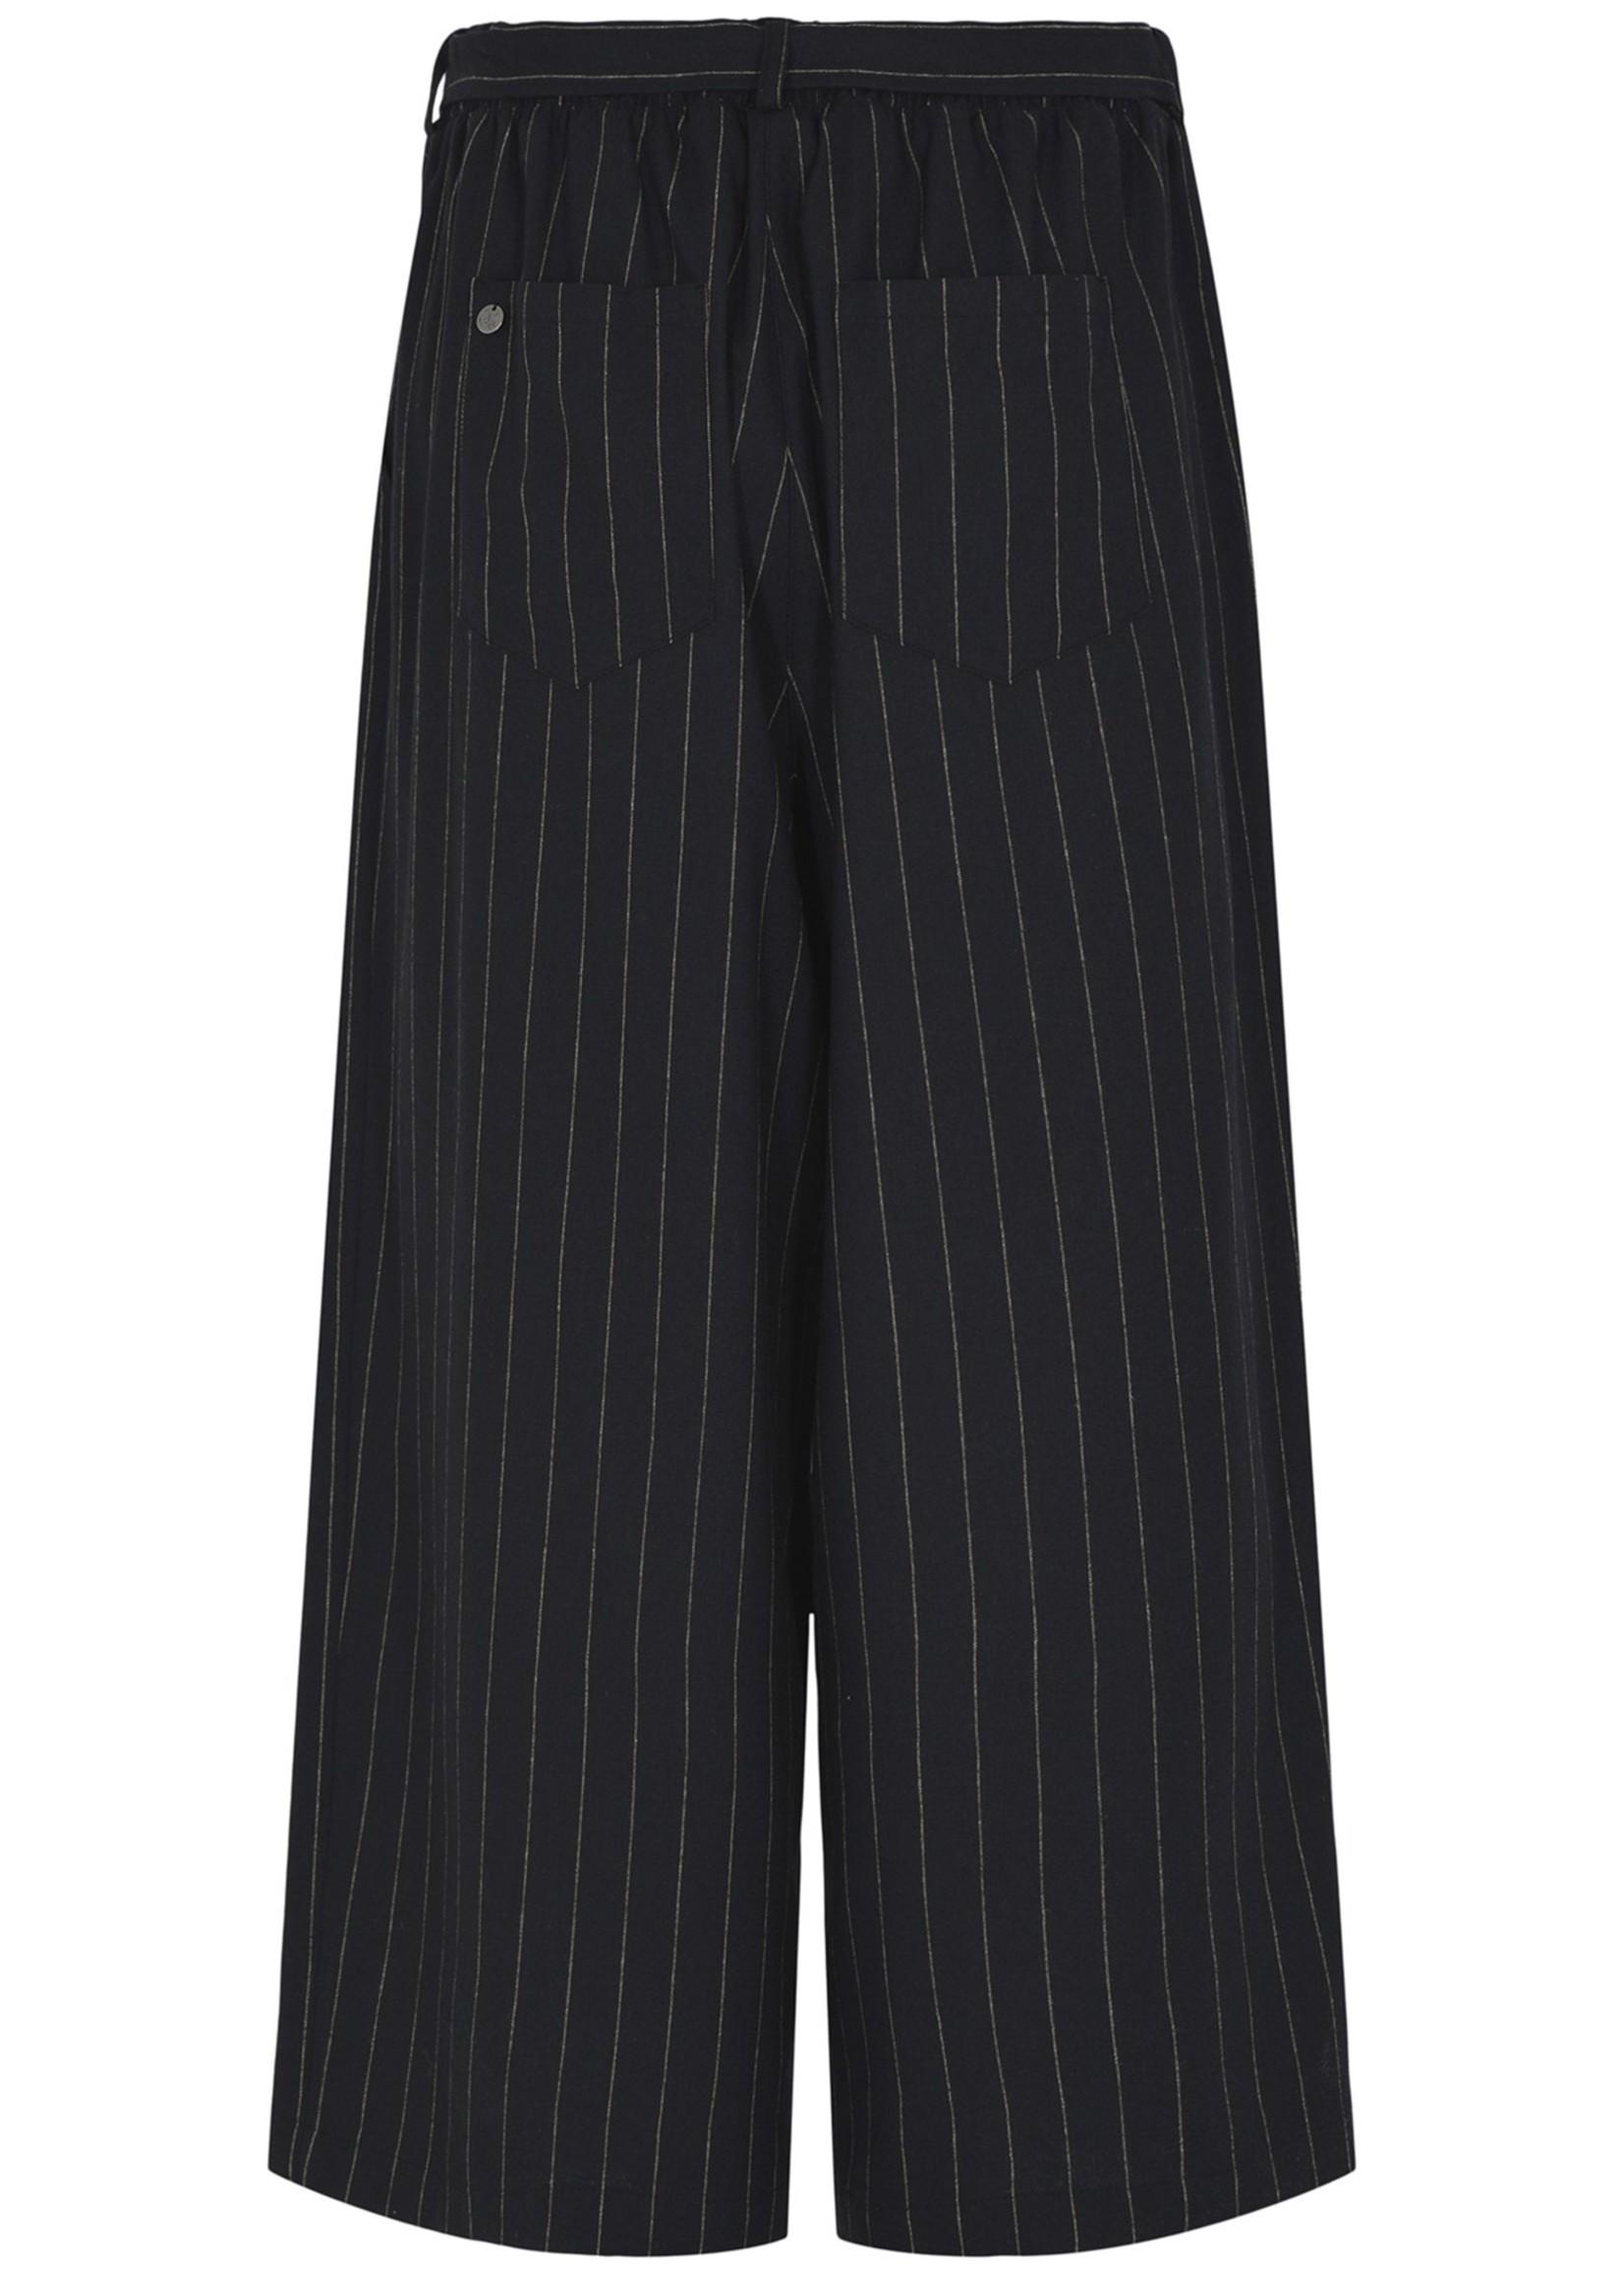 QUE Que broek met verticale strepen